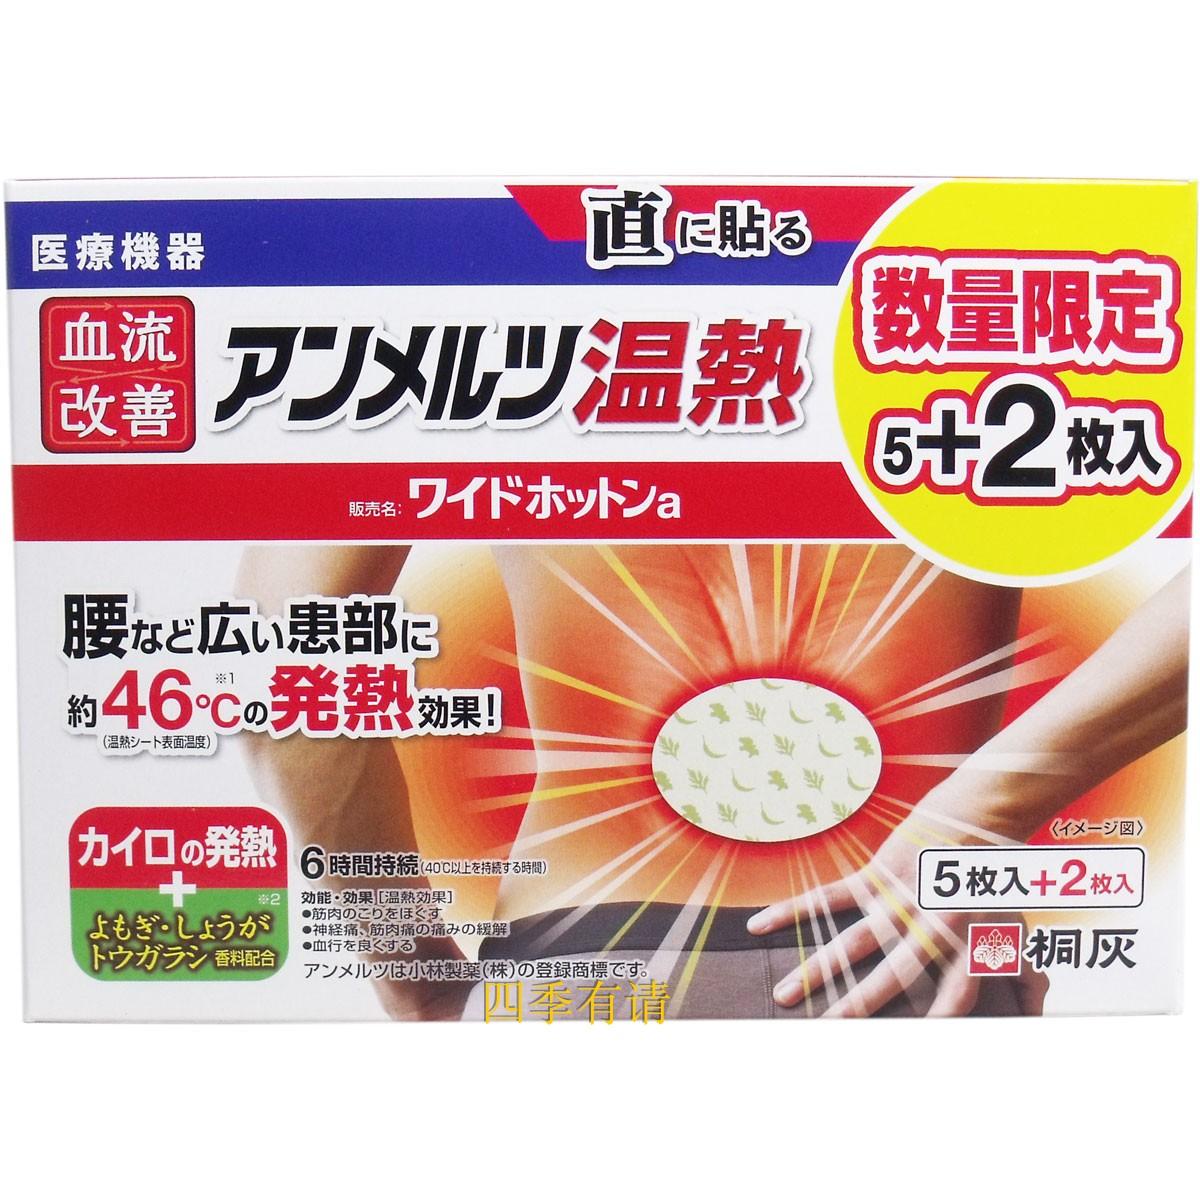 日本进口桐灰血流改善安美露温热皮肤贴 大号特惠装5加2 7枚入